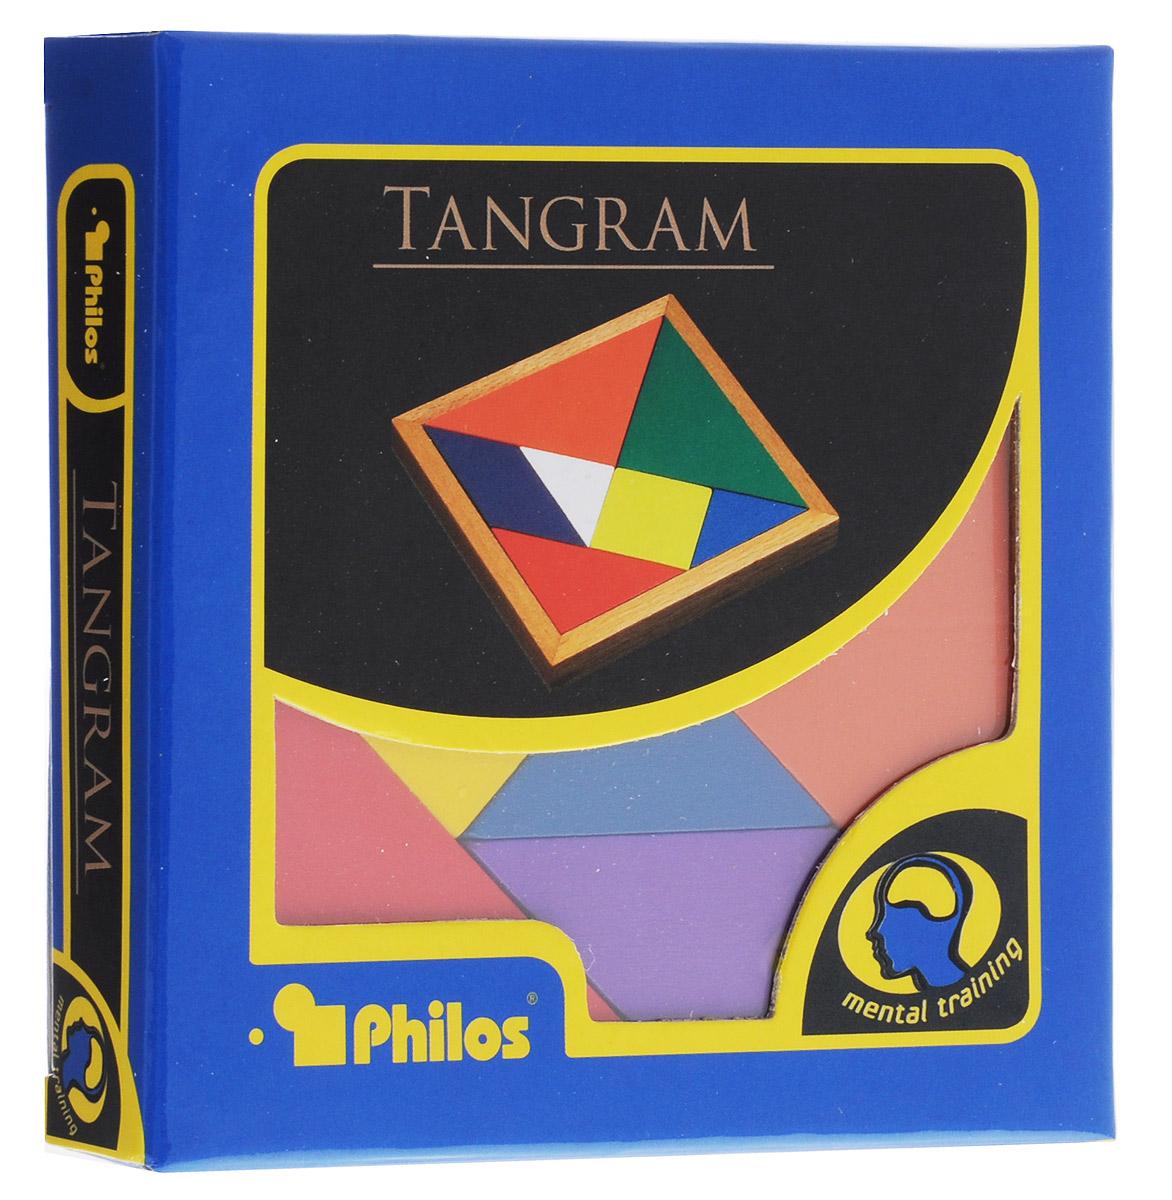 Philos Настольная игра Танграм4014156035201Настольная игра Philos Танграм - это головоломка, состоящая из семи плоских фигур, которые складывают определённым образом для получения другой, более сложной фигуры (изображающей человека, животное, предмет домашнего обихода, букву или цифру и т. д.). Фигура, которую необходимо получить при этом, обычно задаётся в виде силуэта или внешнего контура. При решении головоломки требуется соблюдать два условия: первое - необходимо использовать все семь фигур танграма, и второе - фигуры не должны перекрывать друг друга. Состав игры: деревянная основа для головоломки, 7 деталей головоломки, схематичный буклет с заданиями.